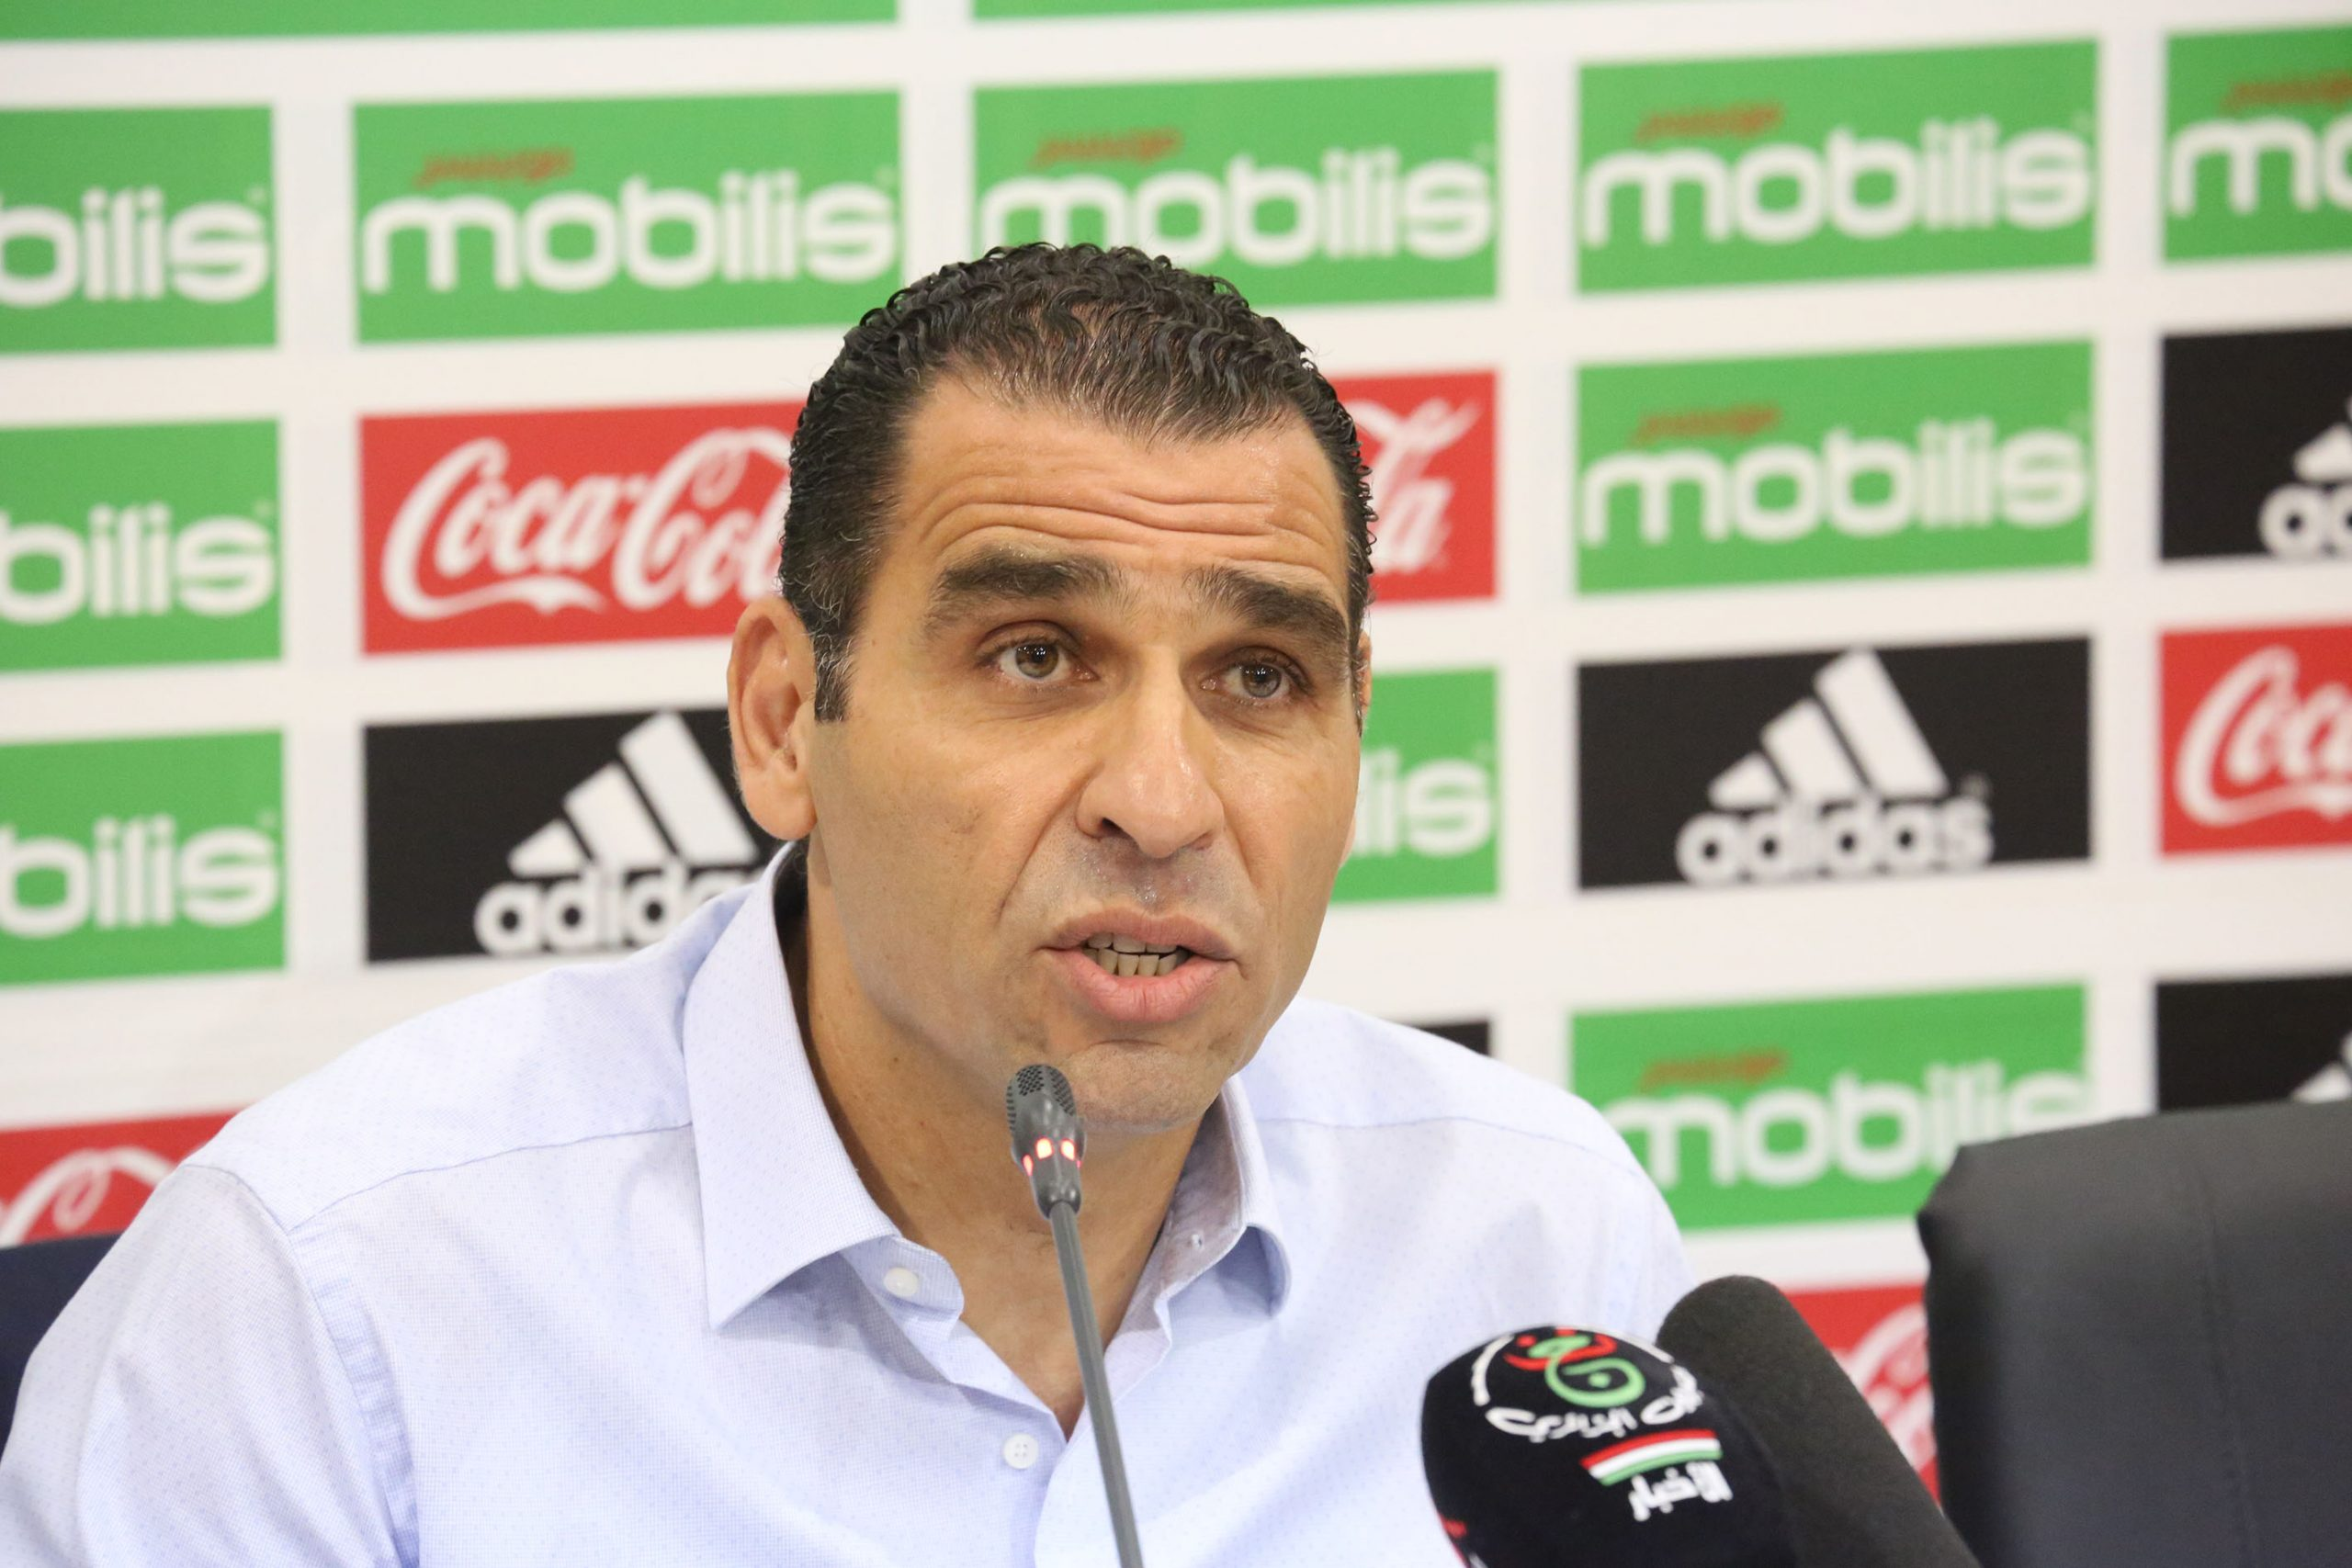 La FAF saisit la justice après la divulgation d'un document à son intention - Algérie